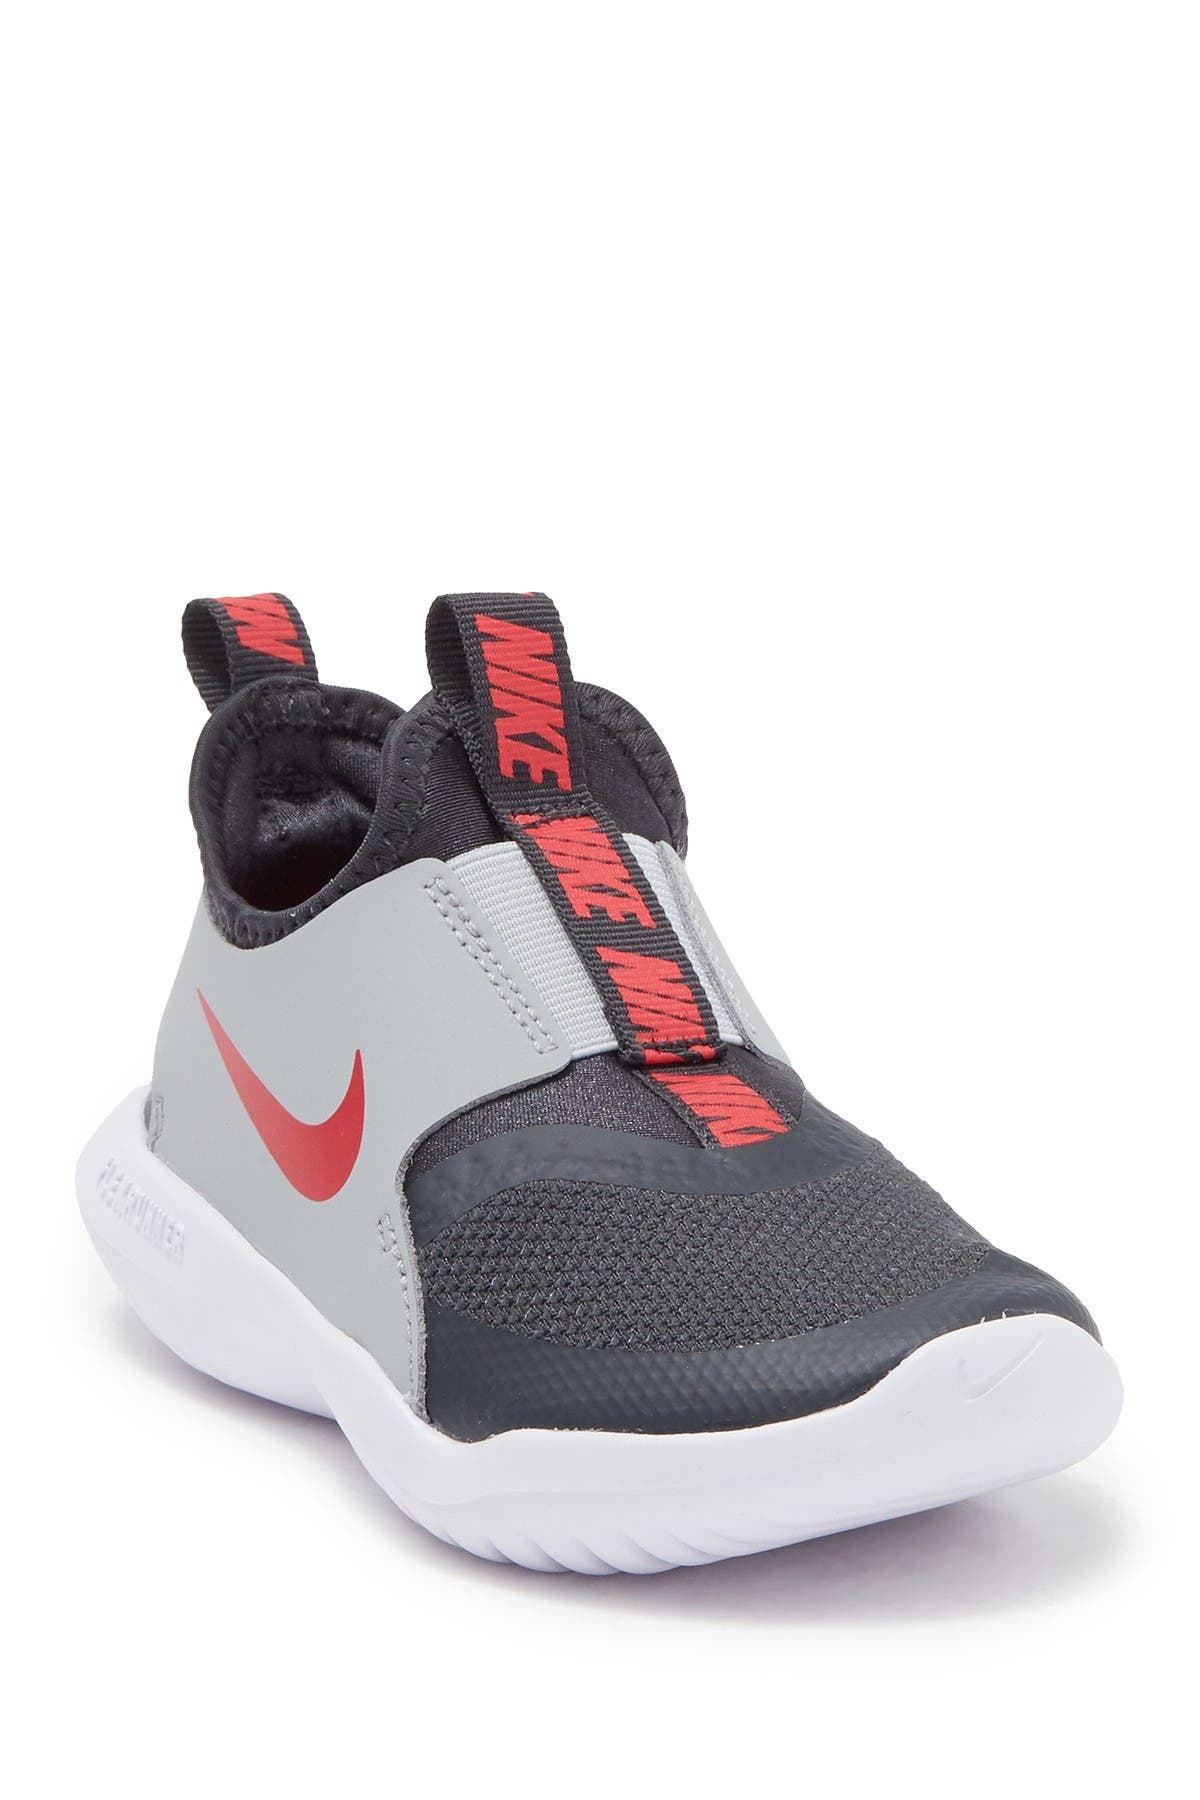 Nike   Future Flex PSV Sneaker